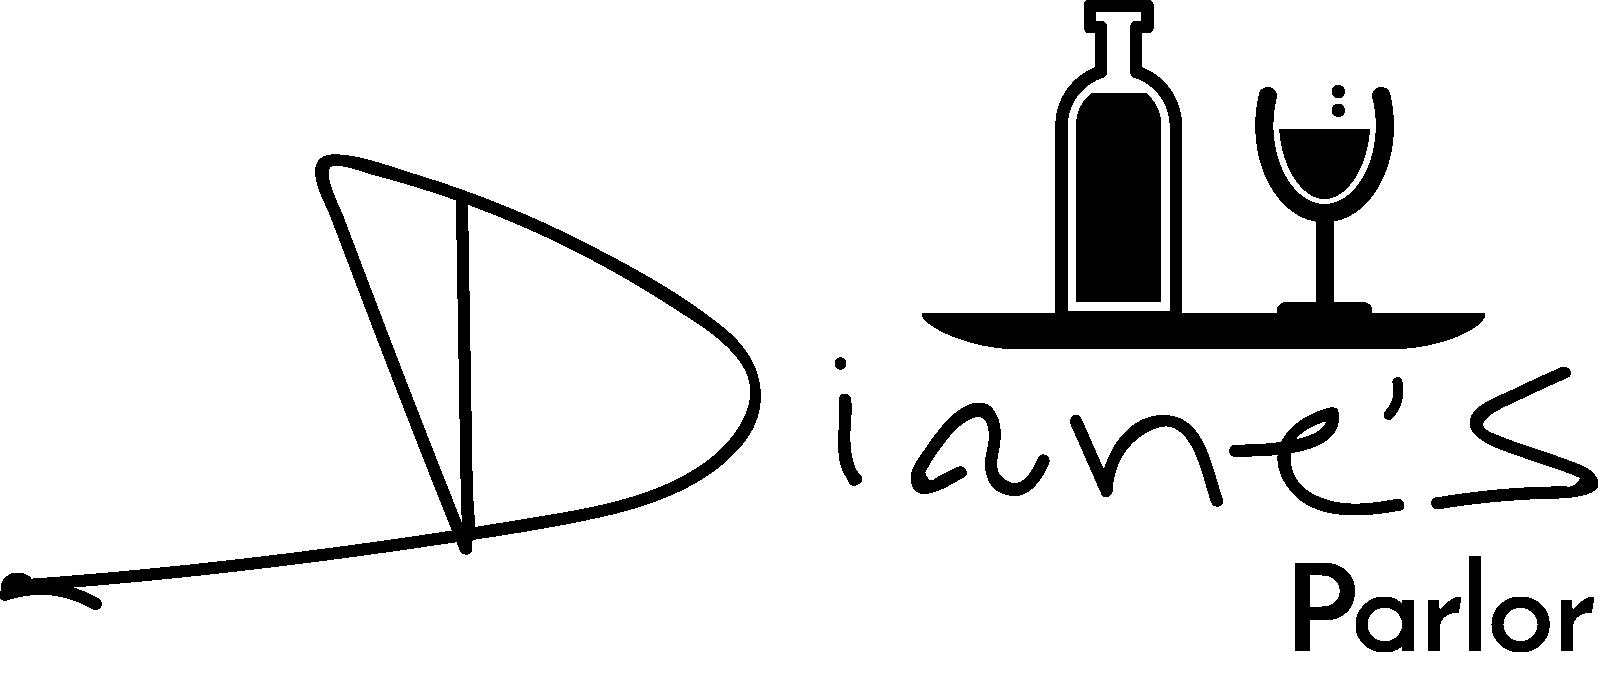 dianes parlor logo